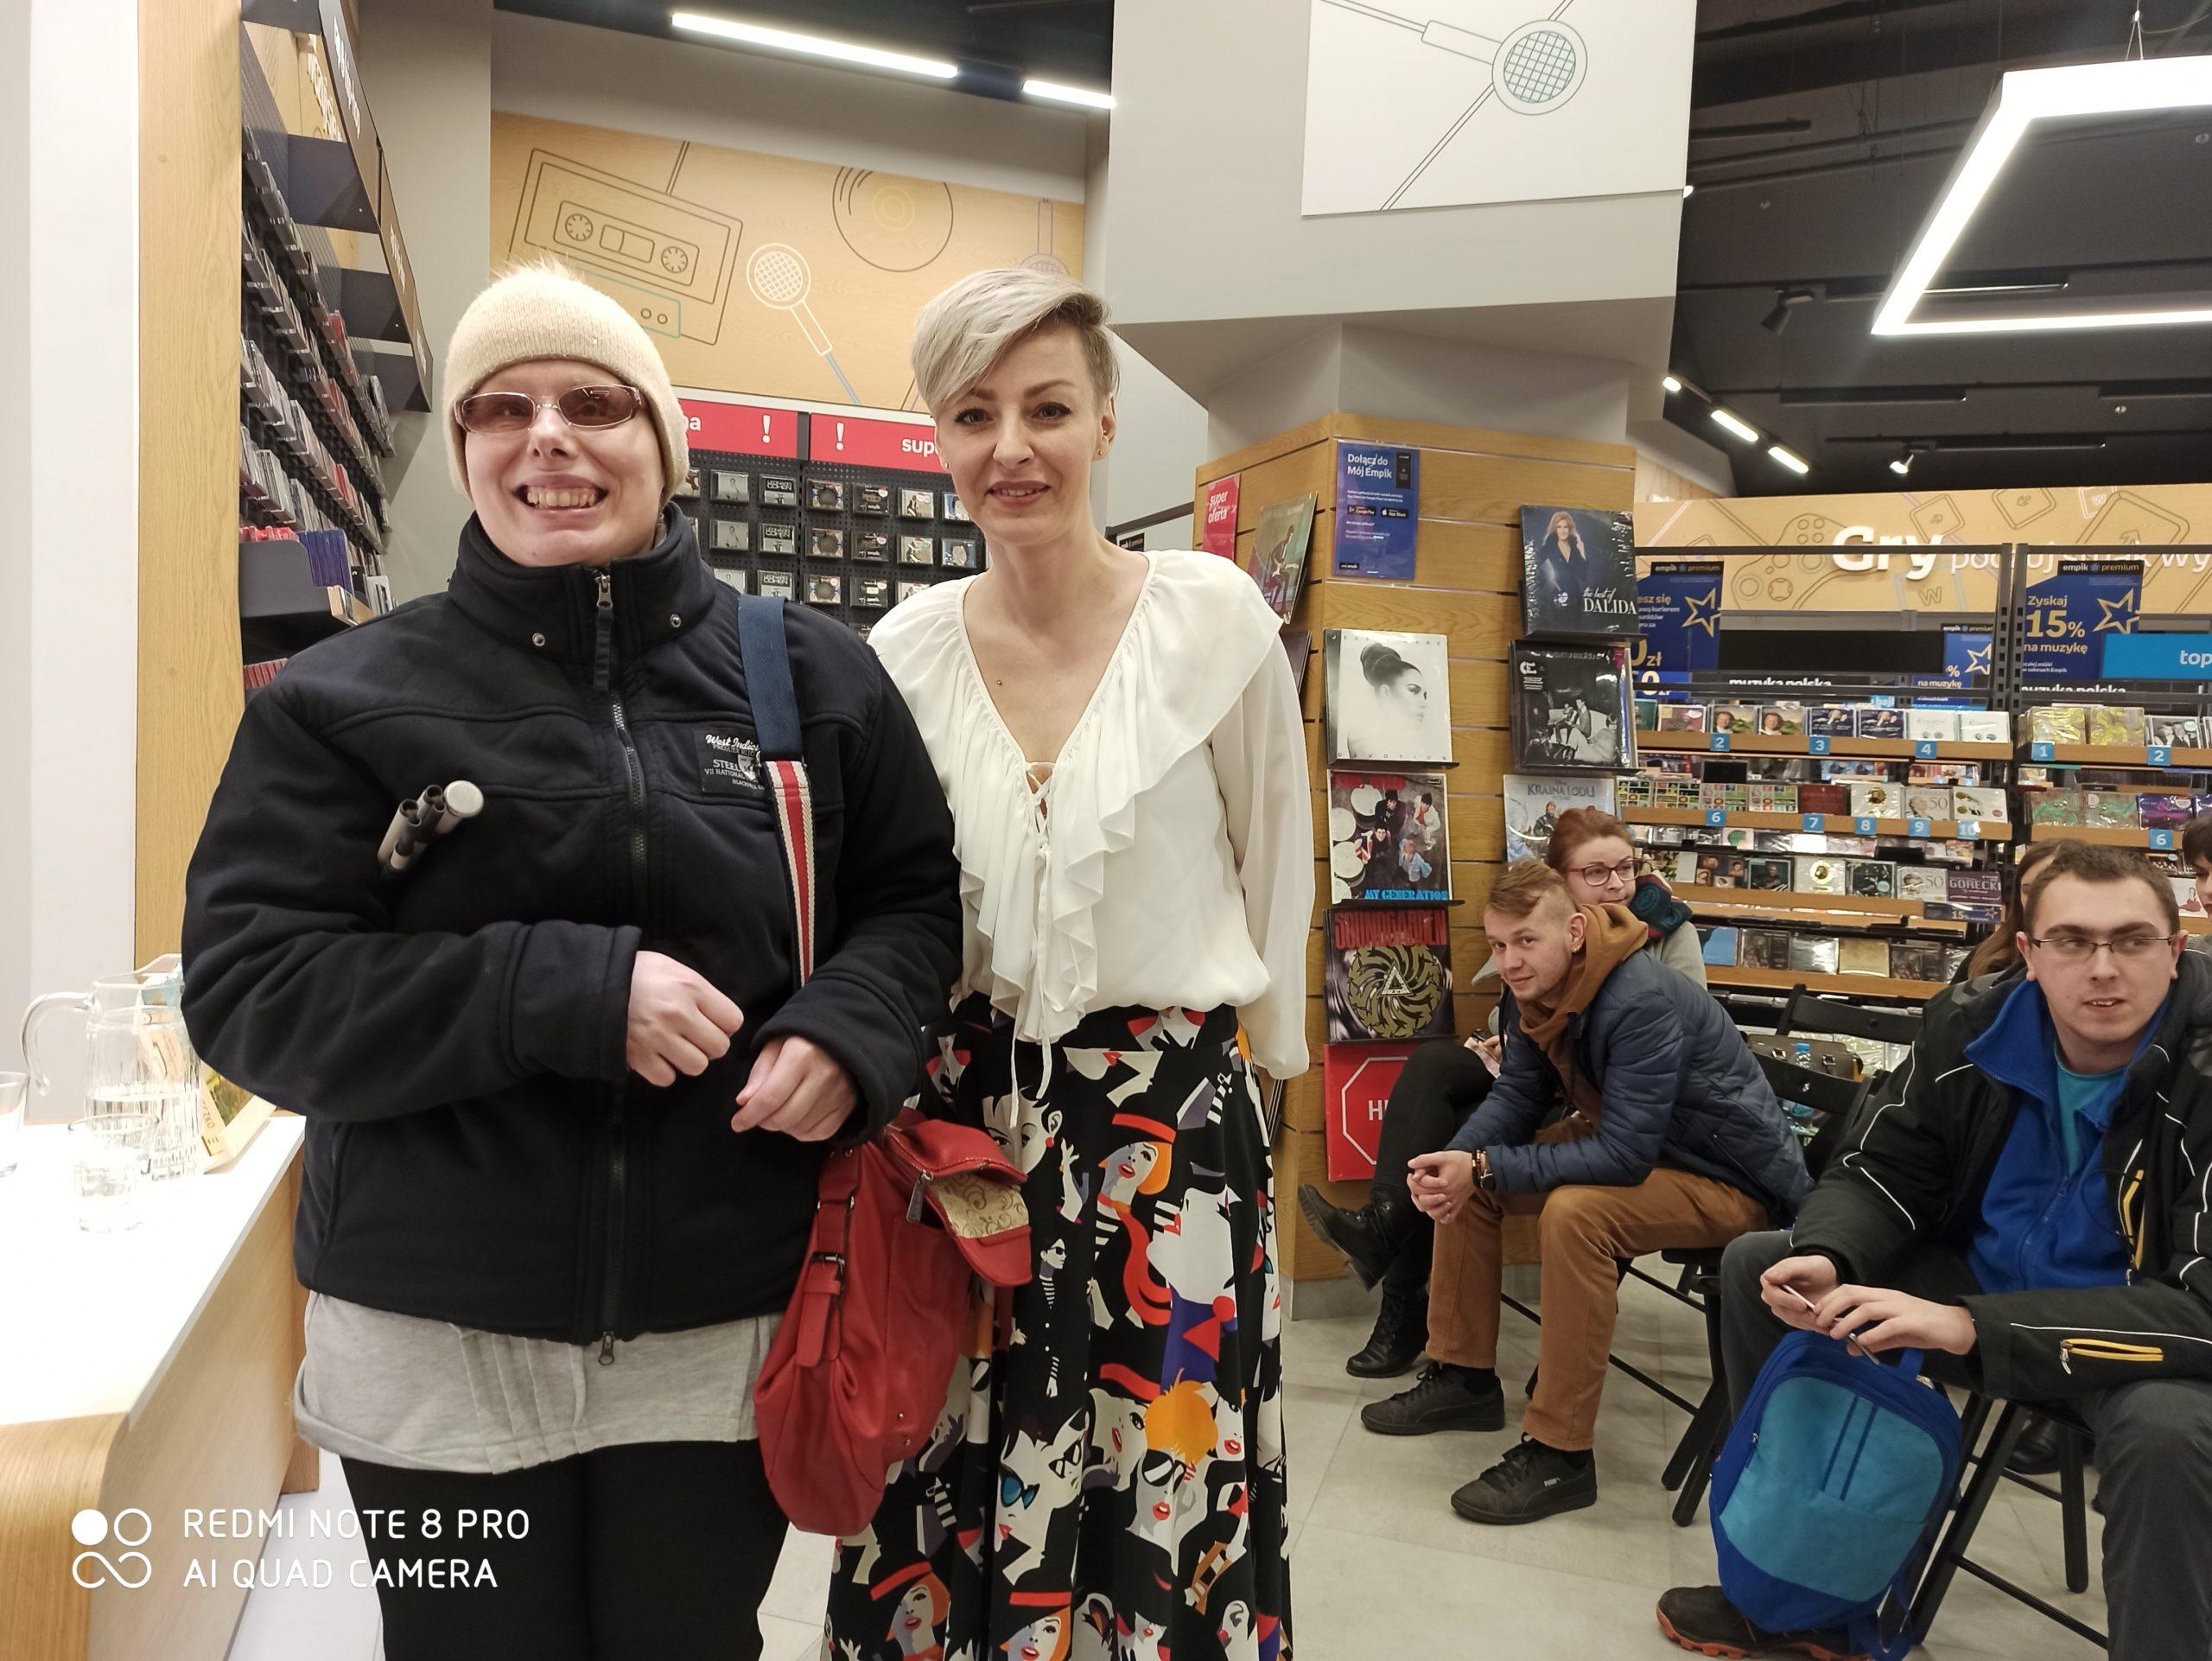 Na zdjęciu Stasia i Natalia Nowak-Lewandowska